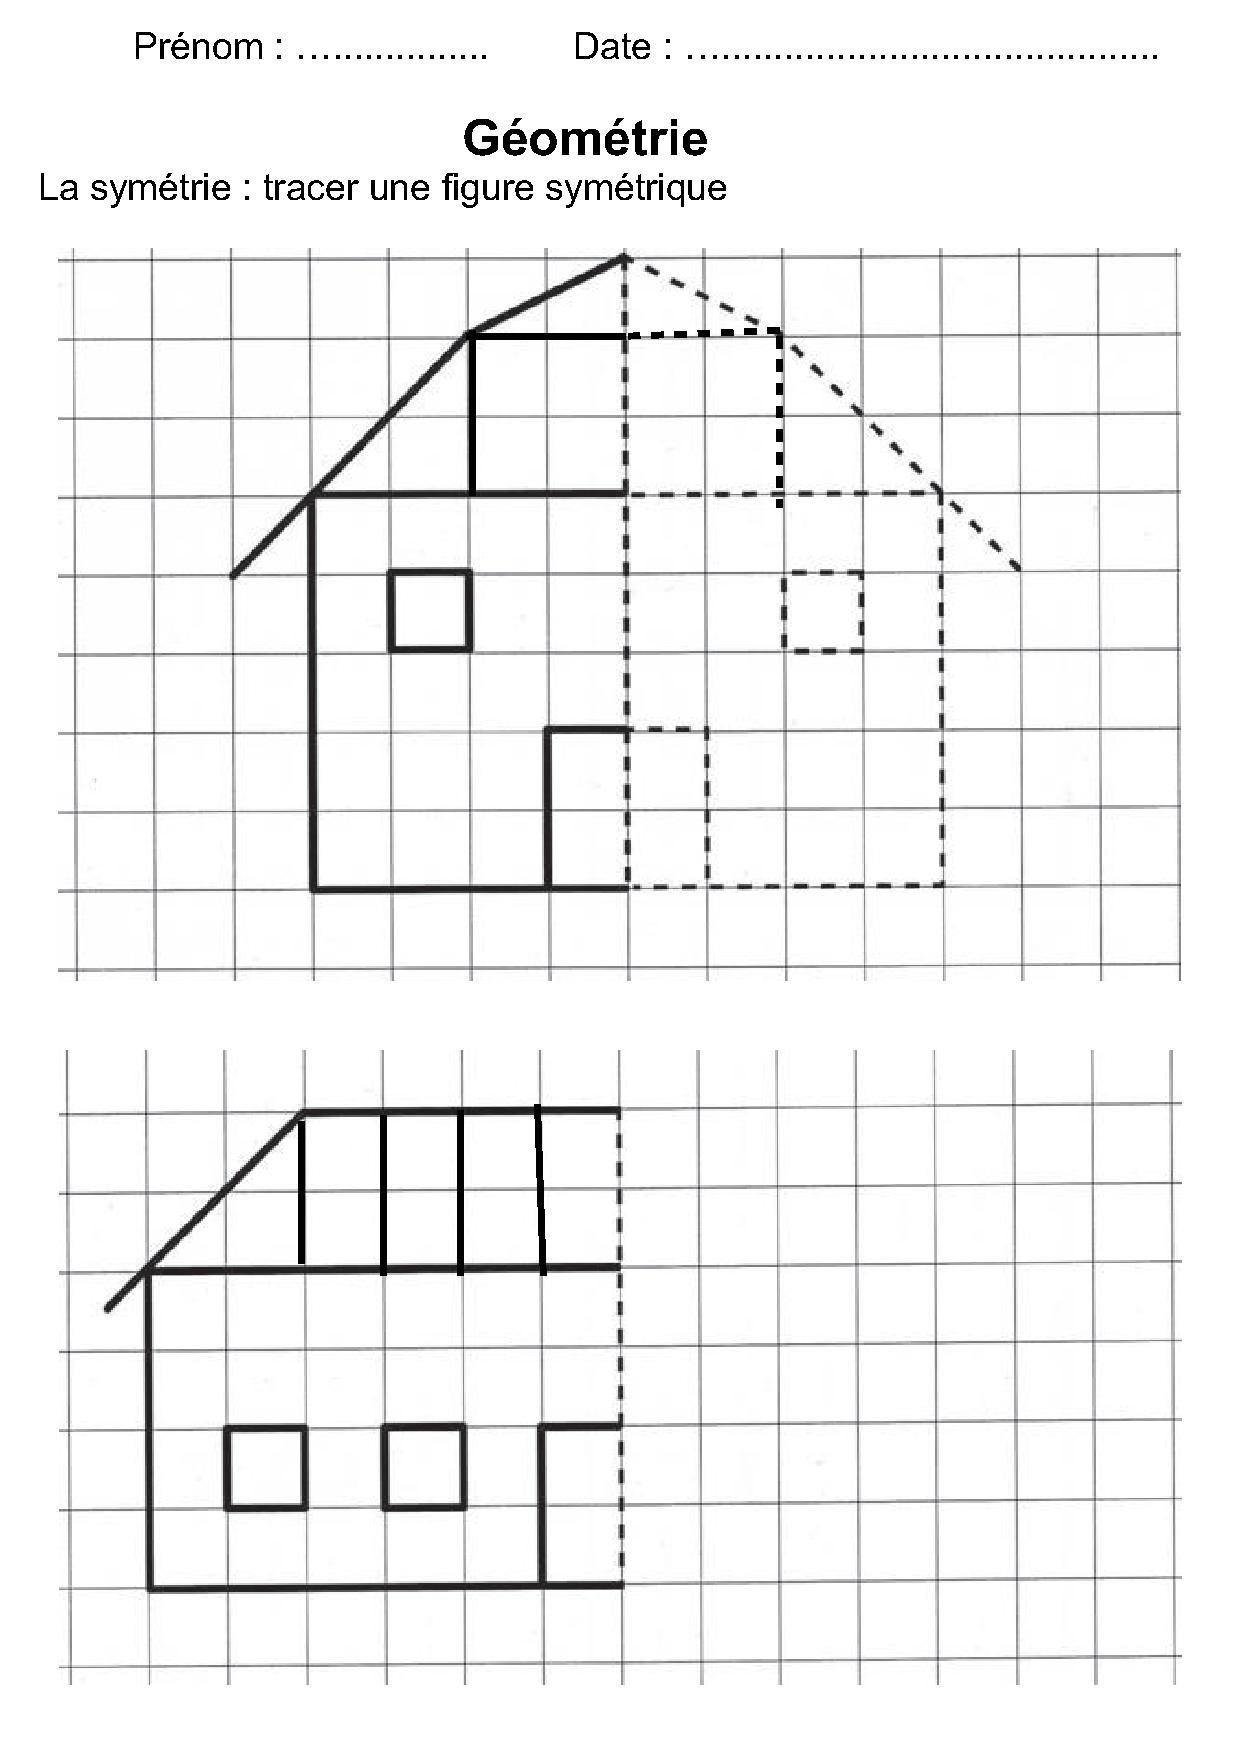 Géométrie Ce1,ce2,la Symétrie,reproduire Une Figure serapportantà Reproduire Un Dessin Sur Quadrillage Cp